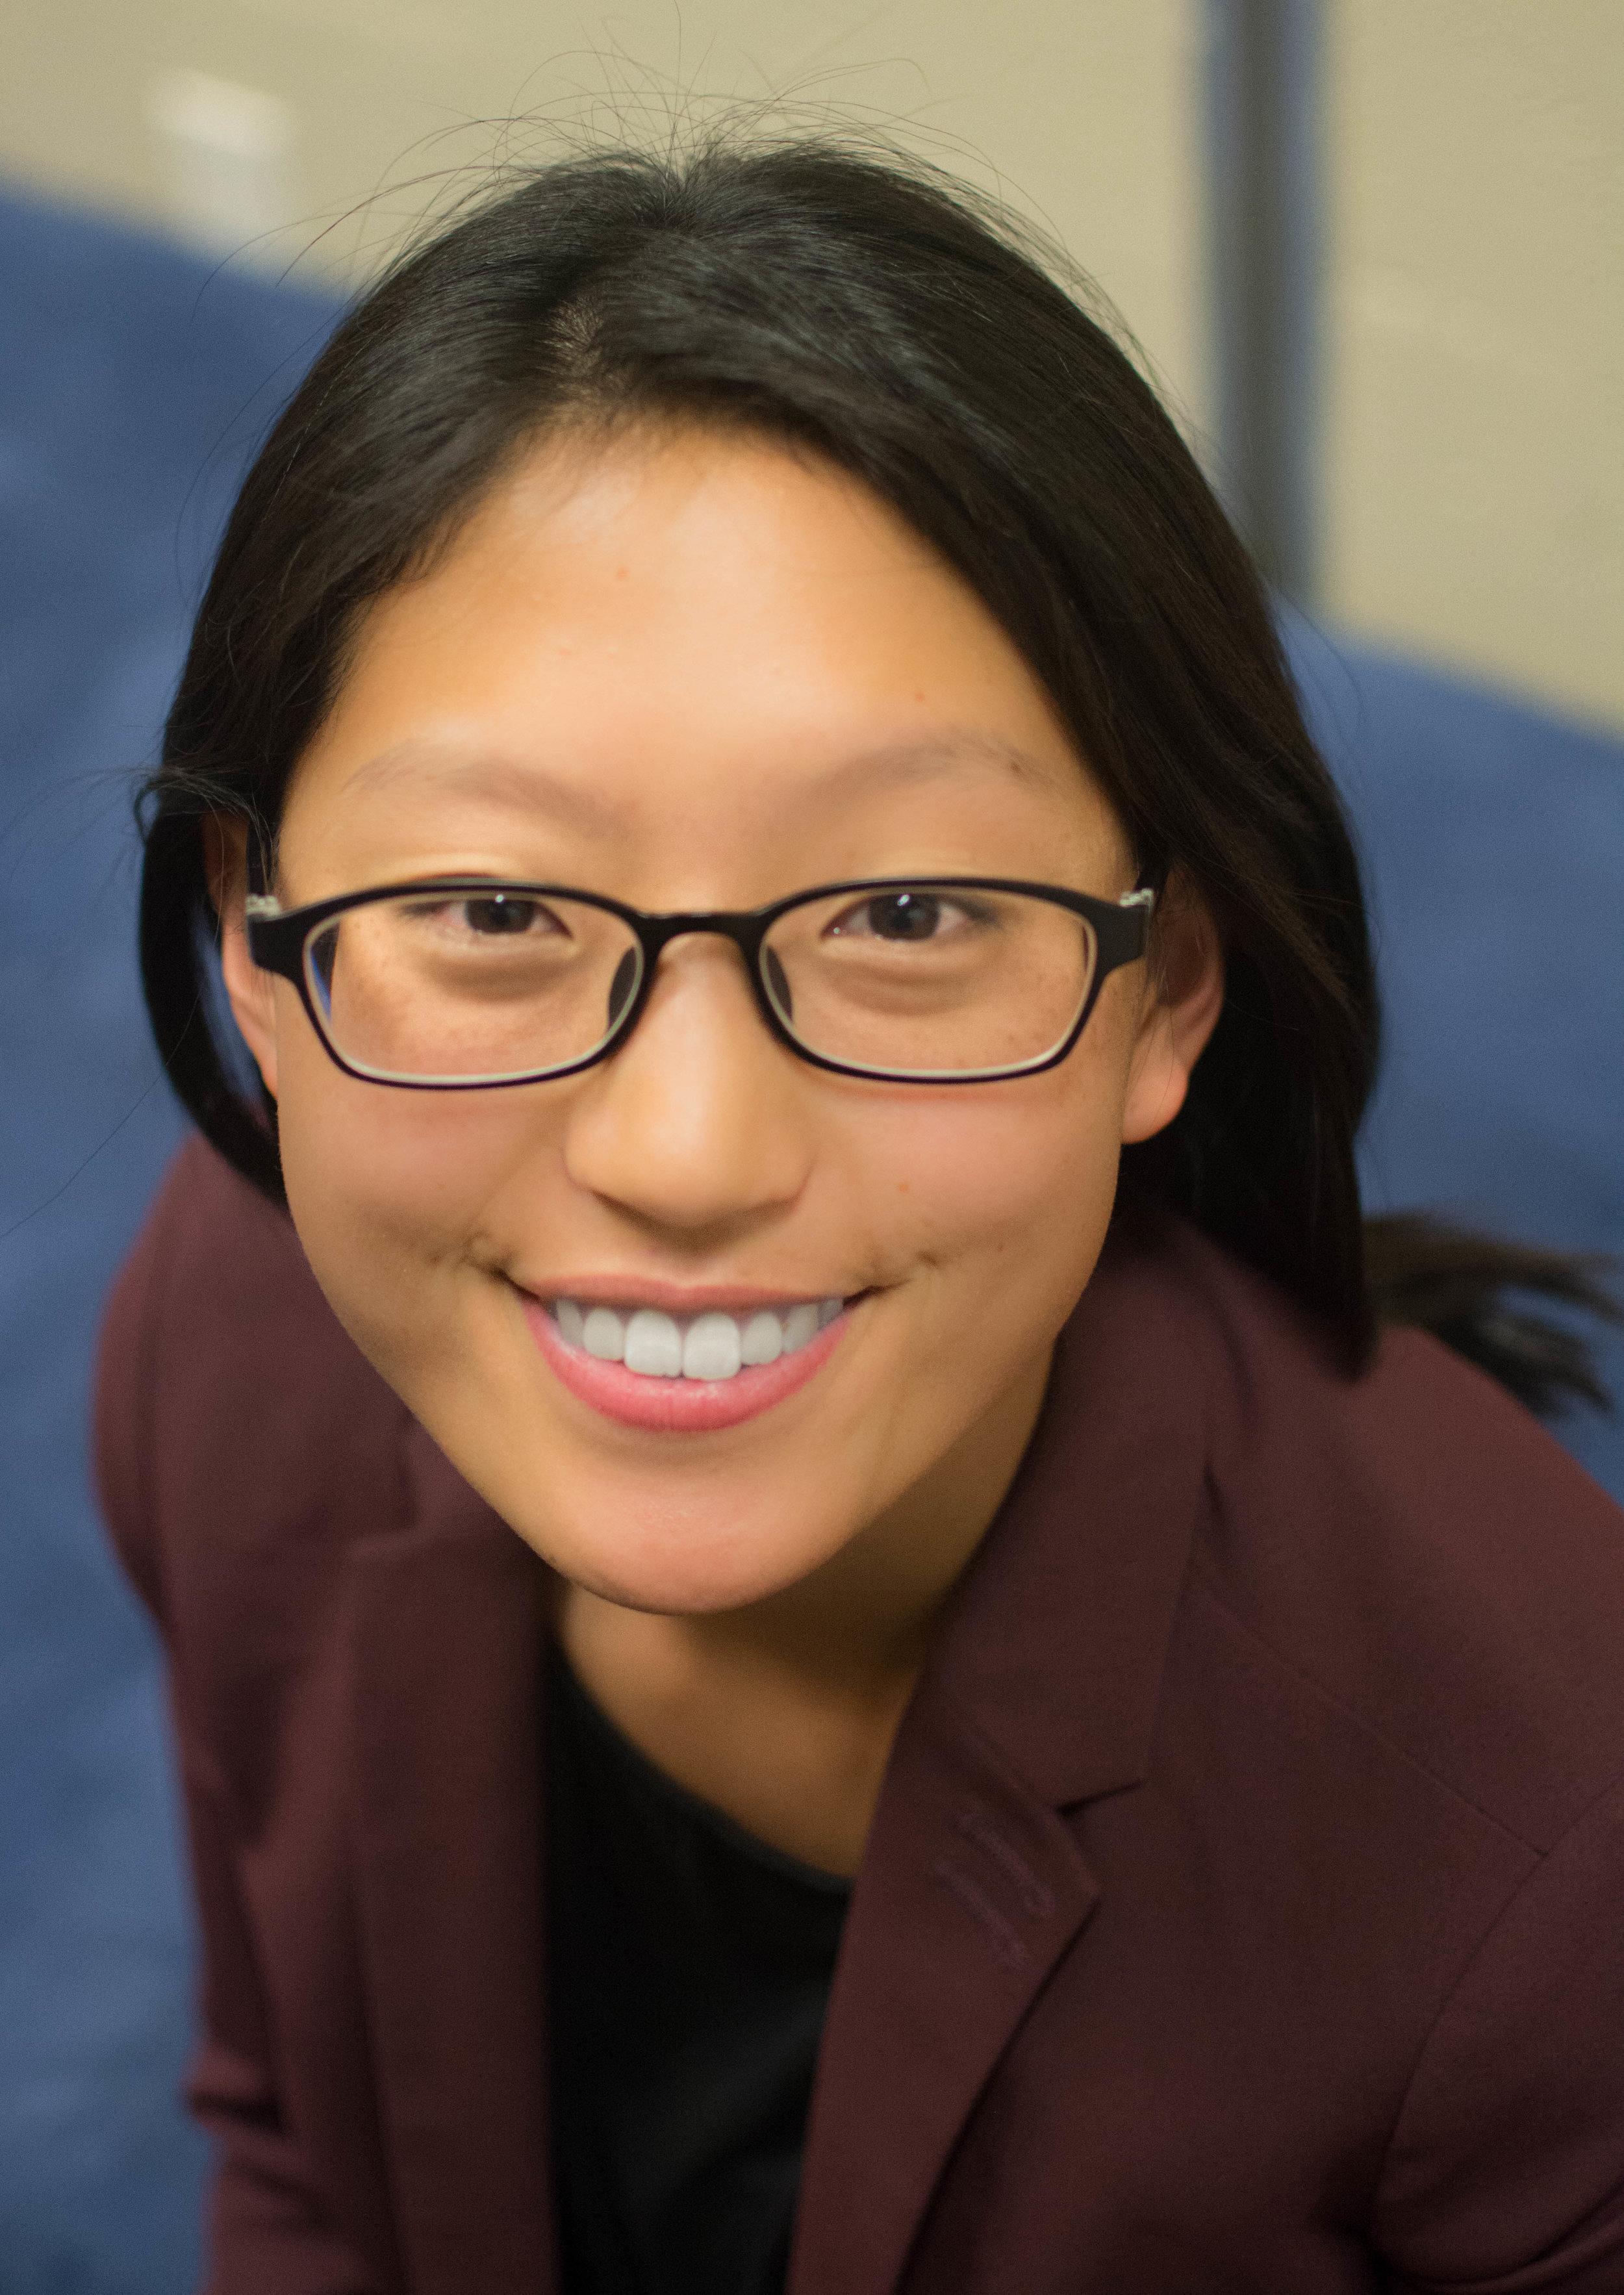 Teachers for STEM Profile Pics-6.jpg